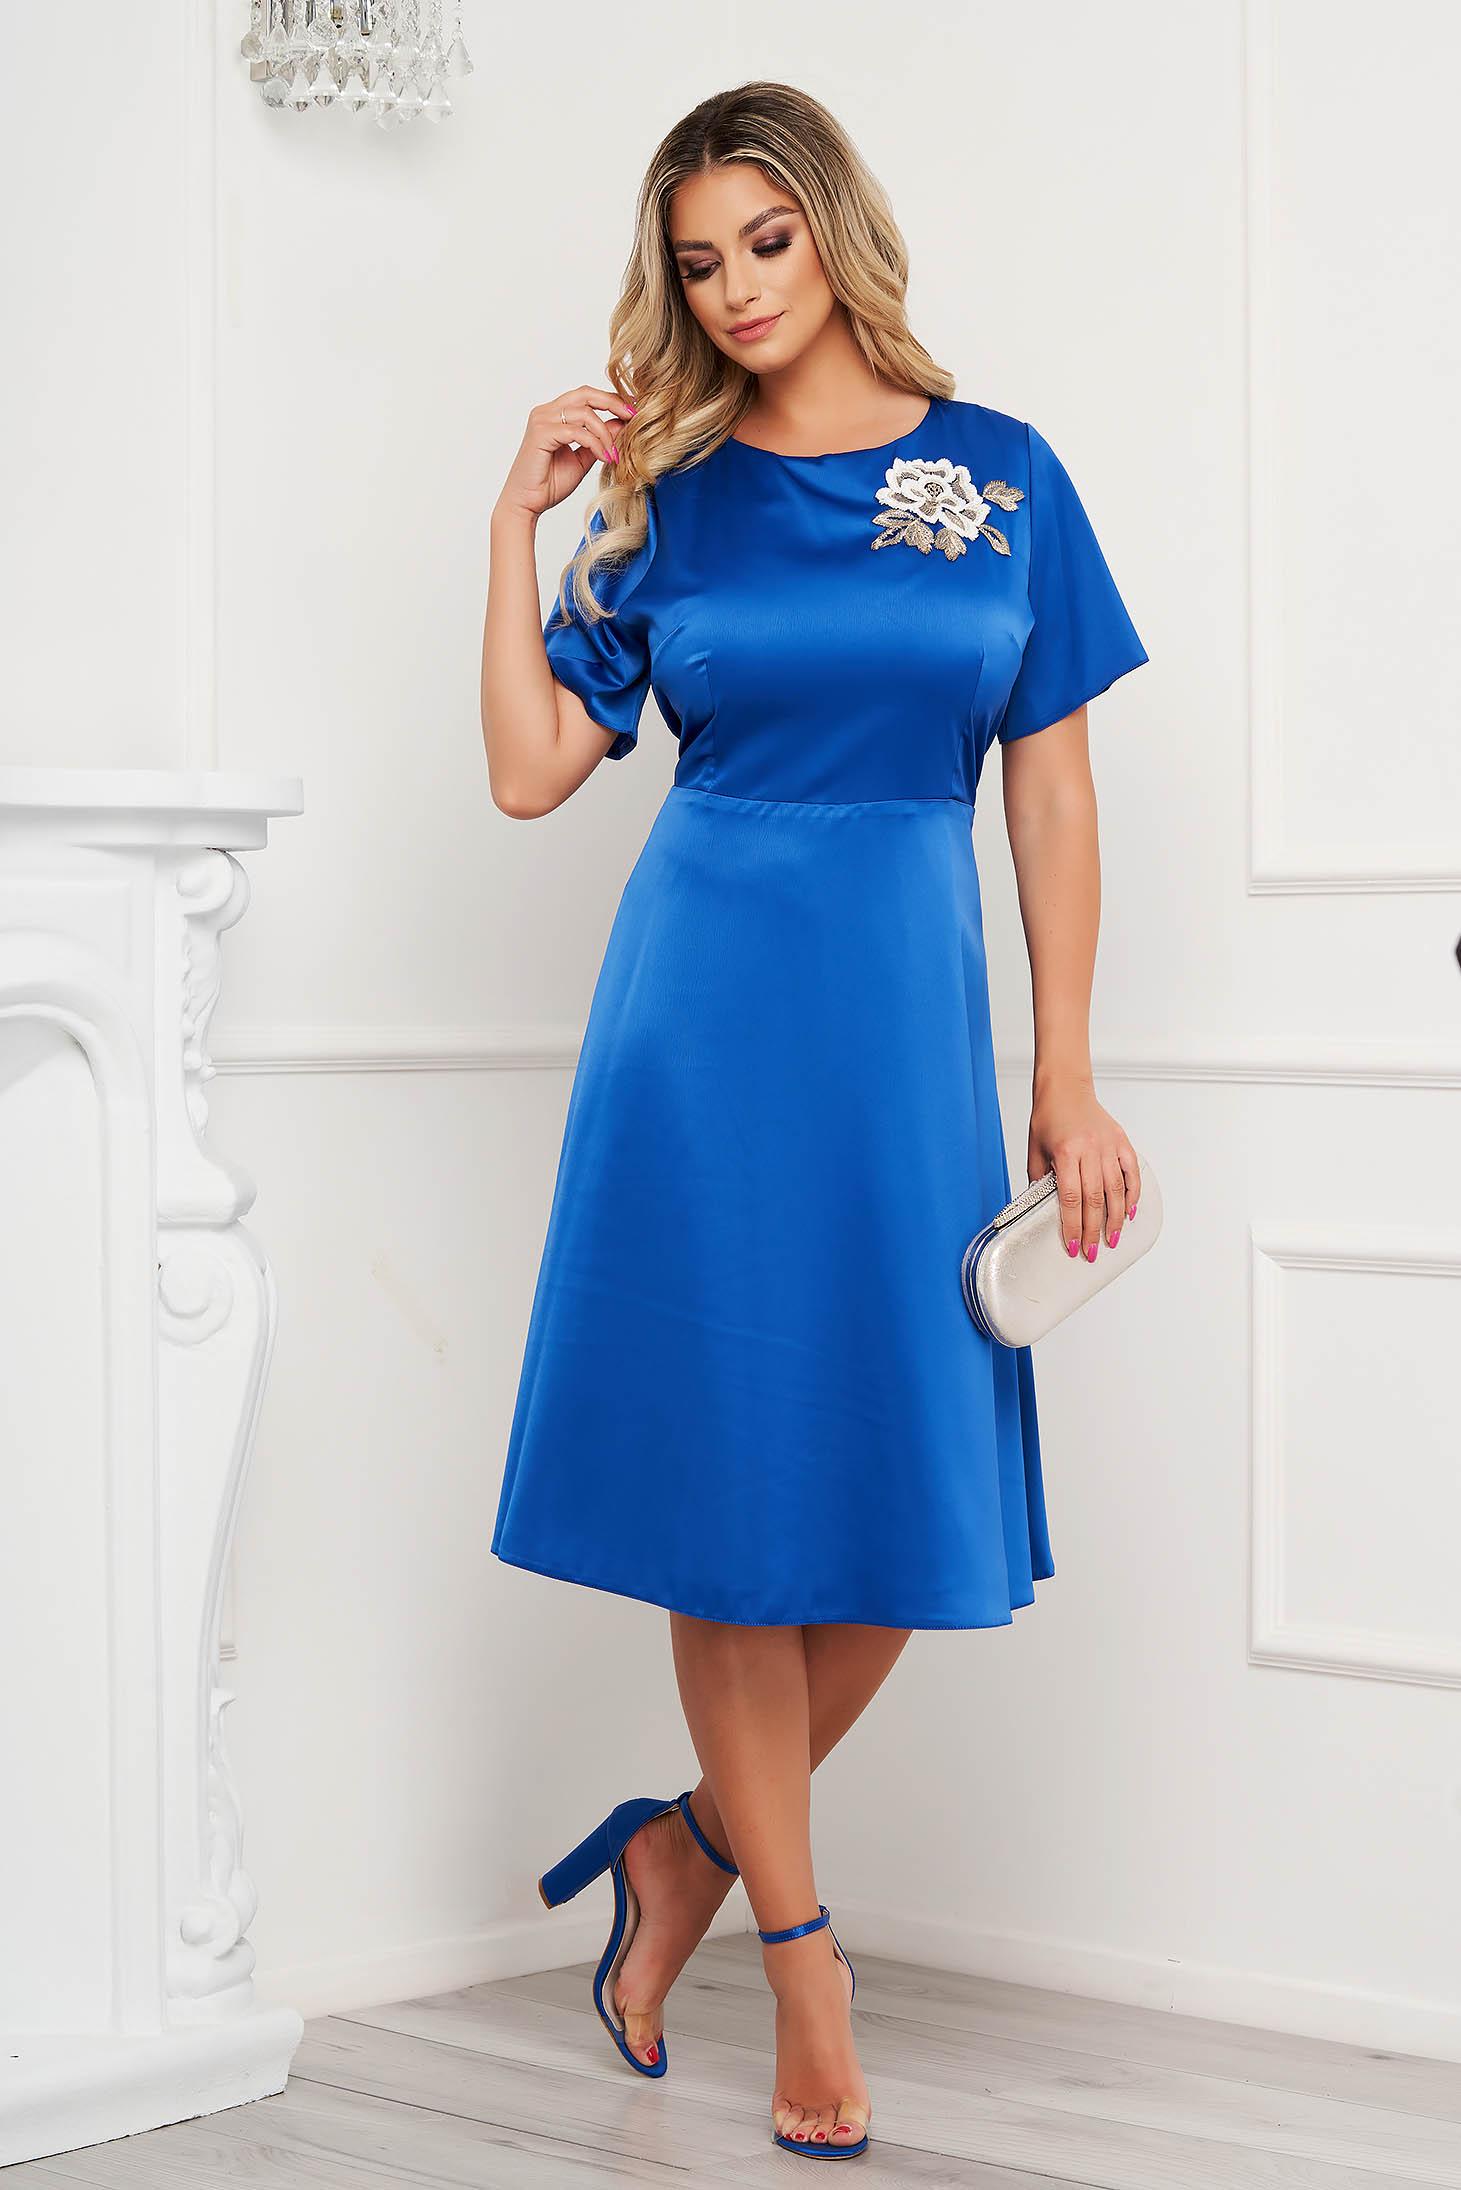 Rochie Lady Pandora albastra eleganta din material satinat cu croi in a si broderie florala